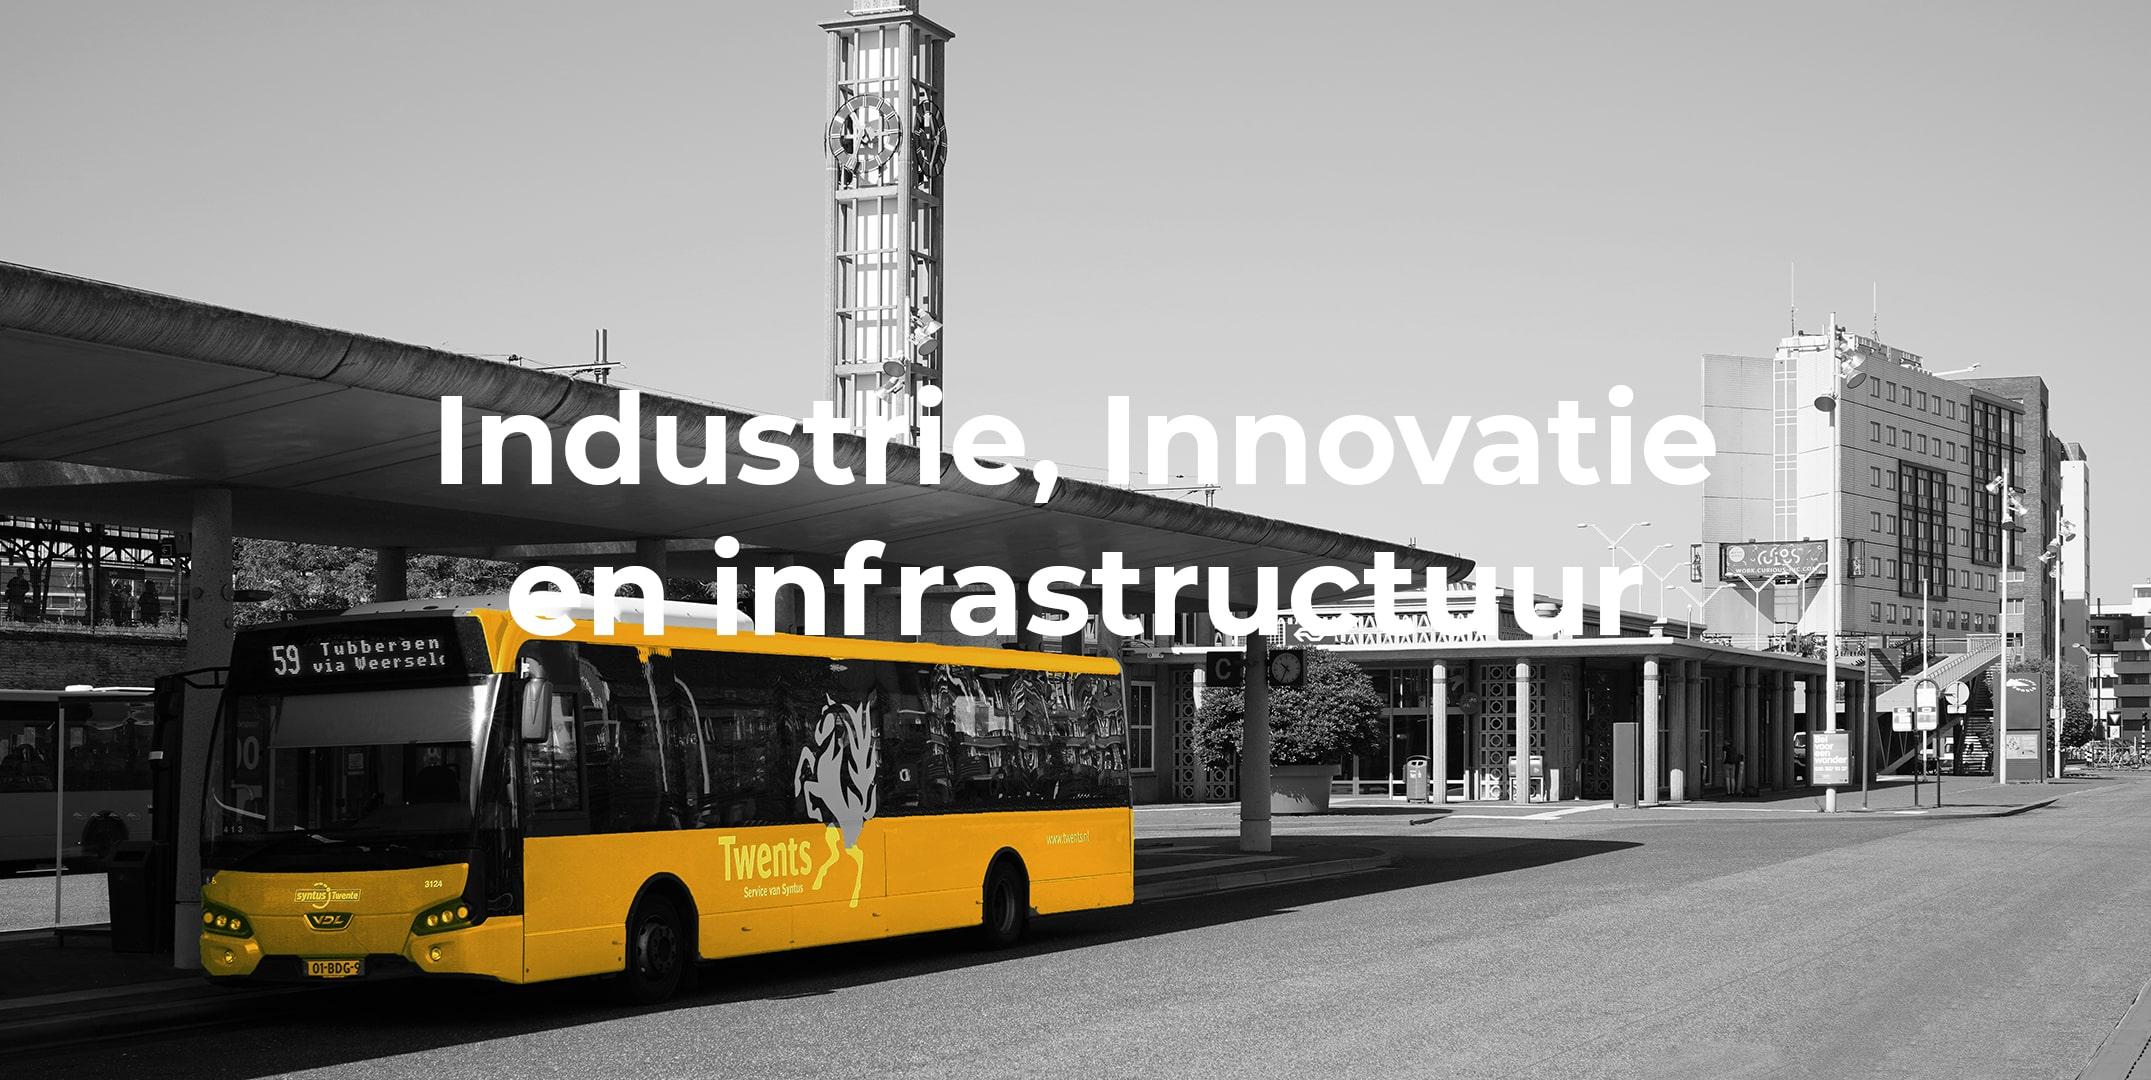 Industrie, Innovatie en infrastructuur